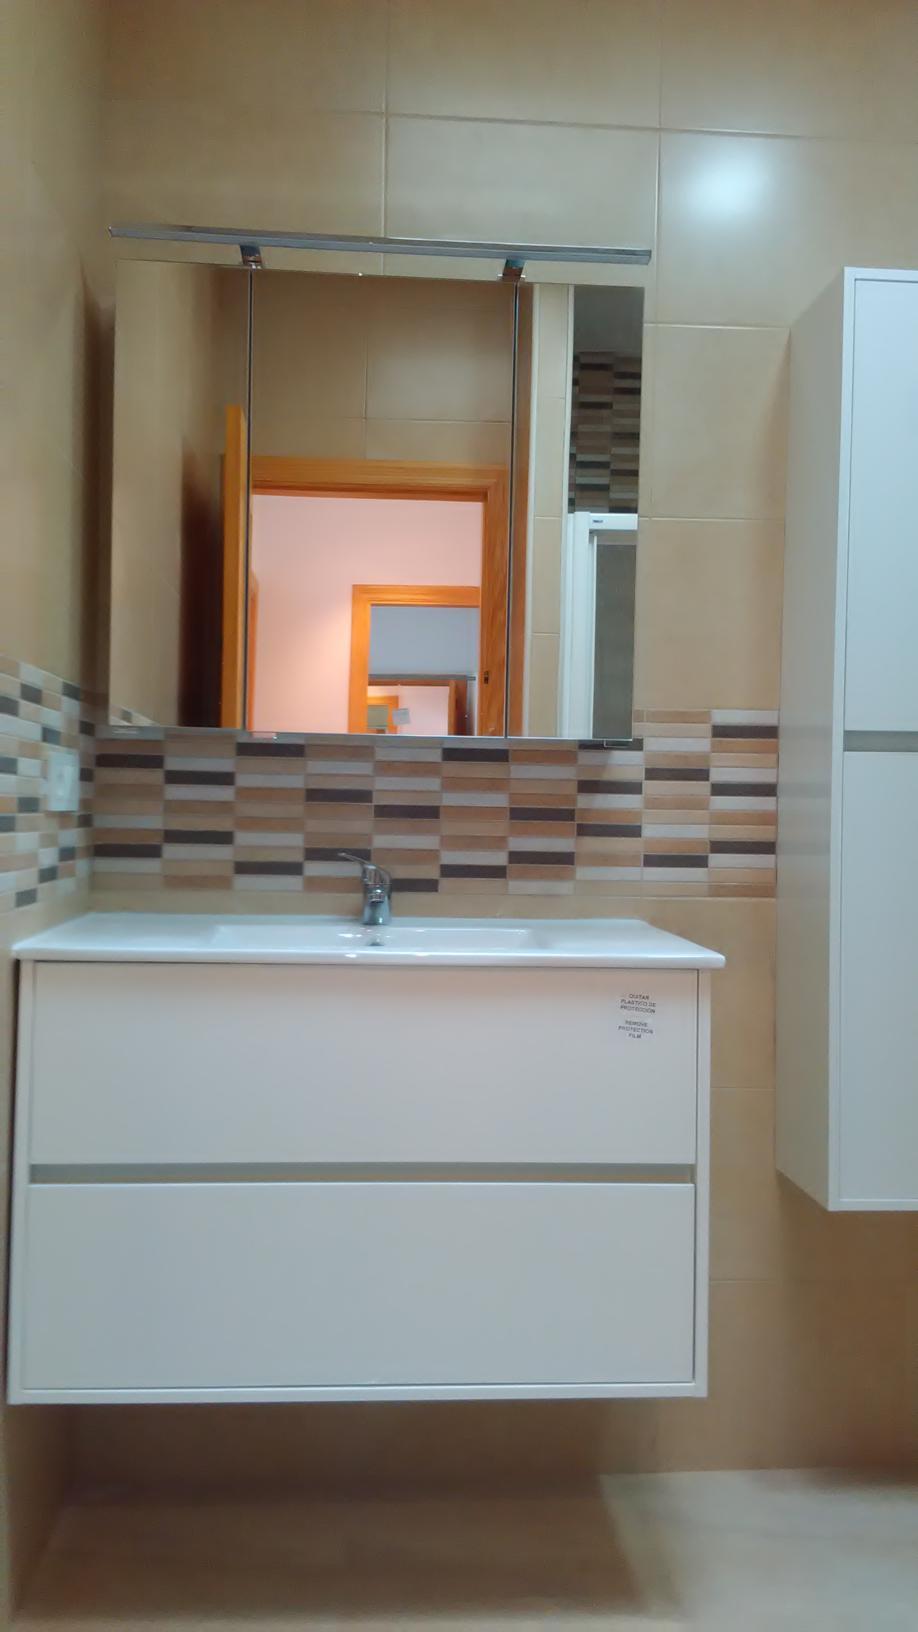 reforma de baño en guardamar del segura torrevieja pilar de la horadada